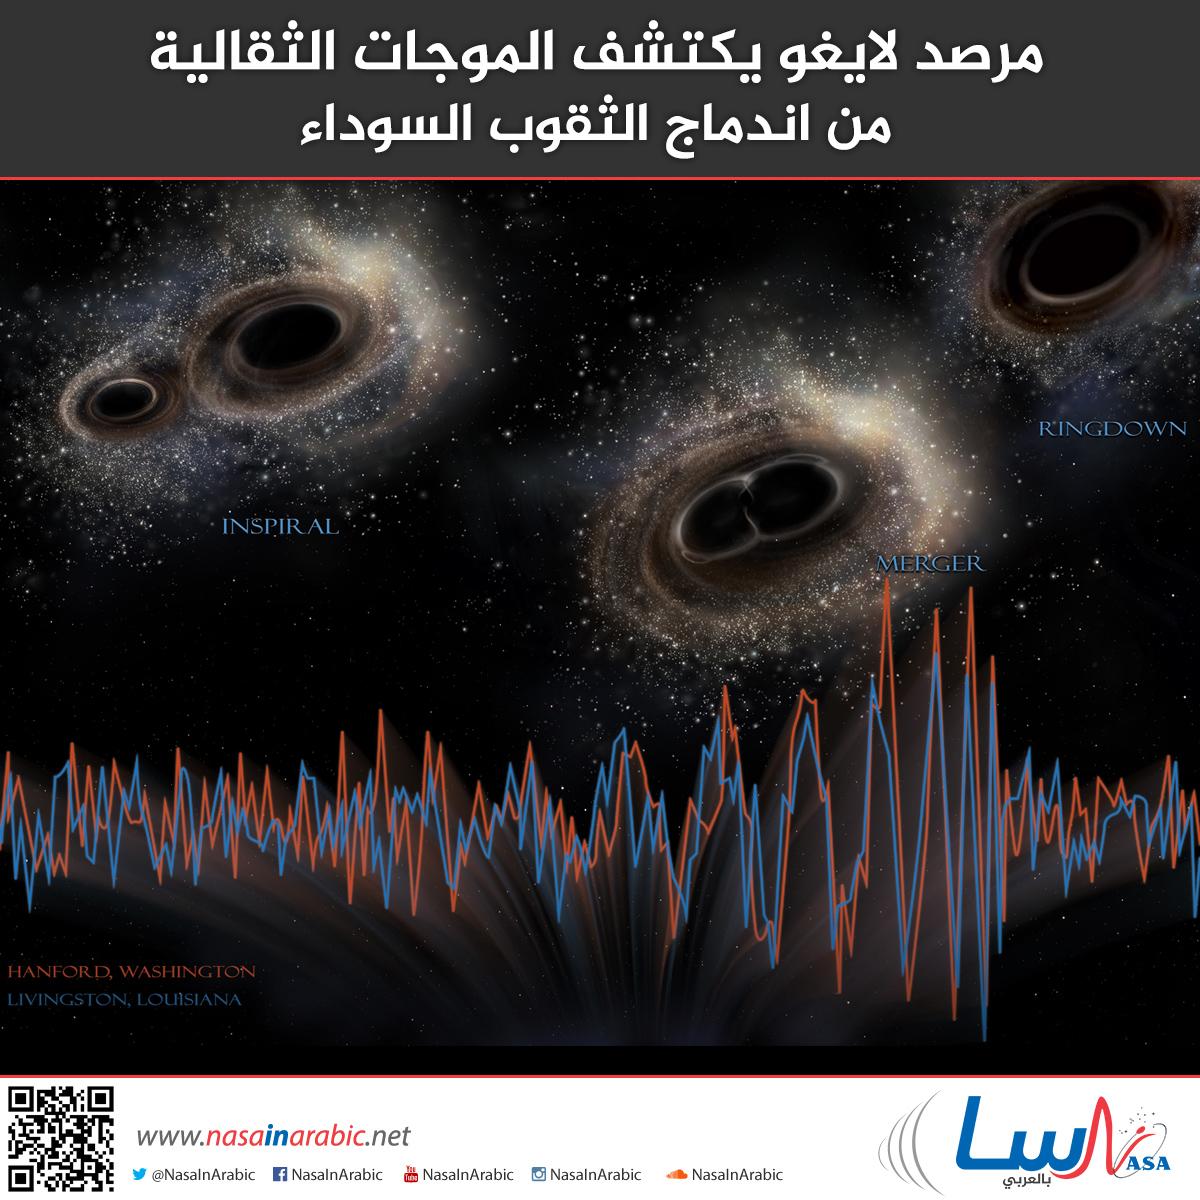 مرصد لايغو يكتشف الموجات الثقالية من اندماج الثقوب السوداء